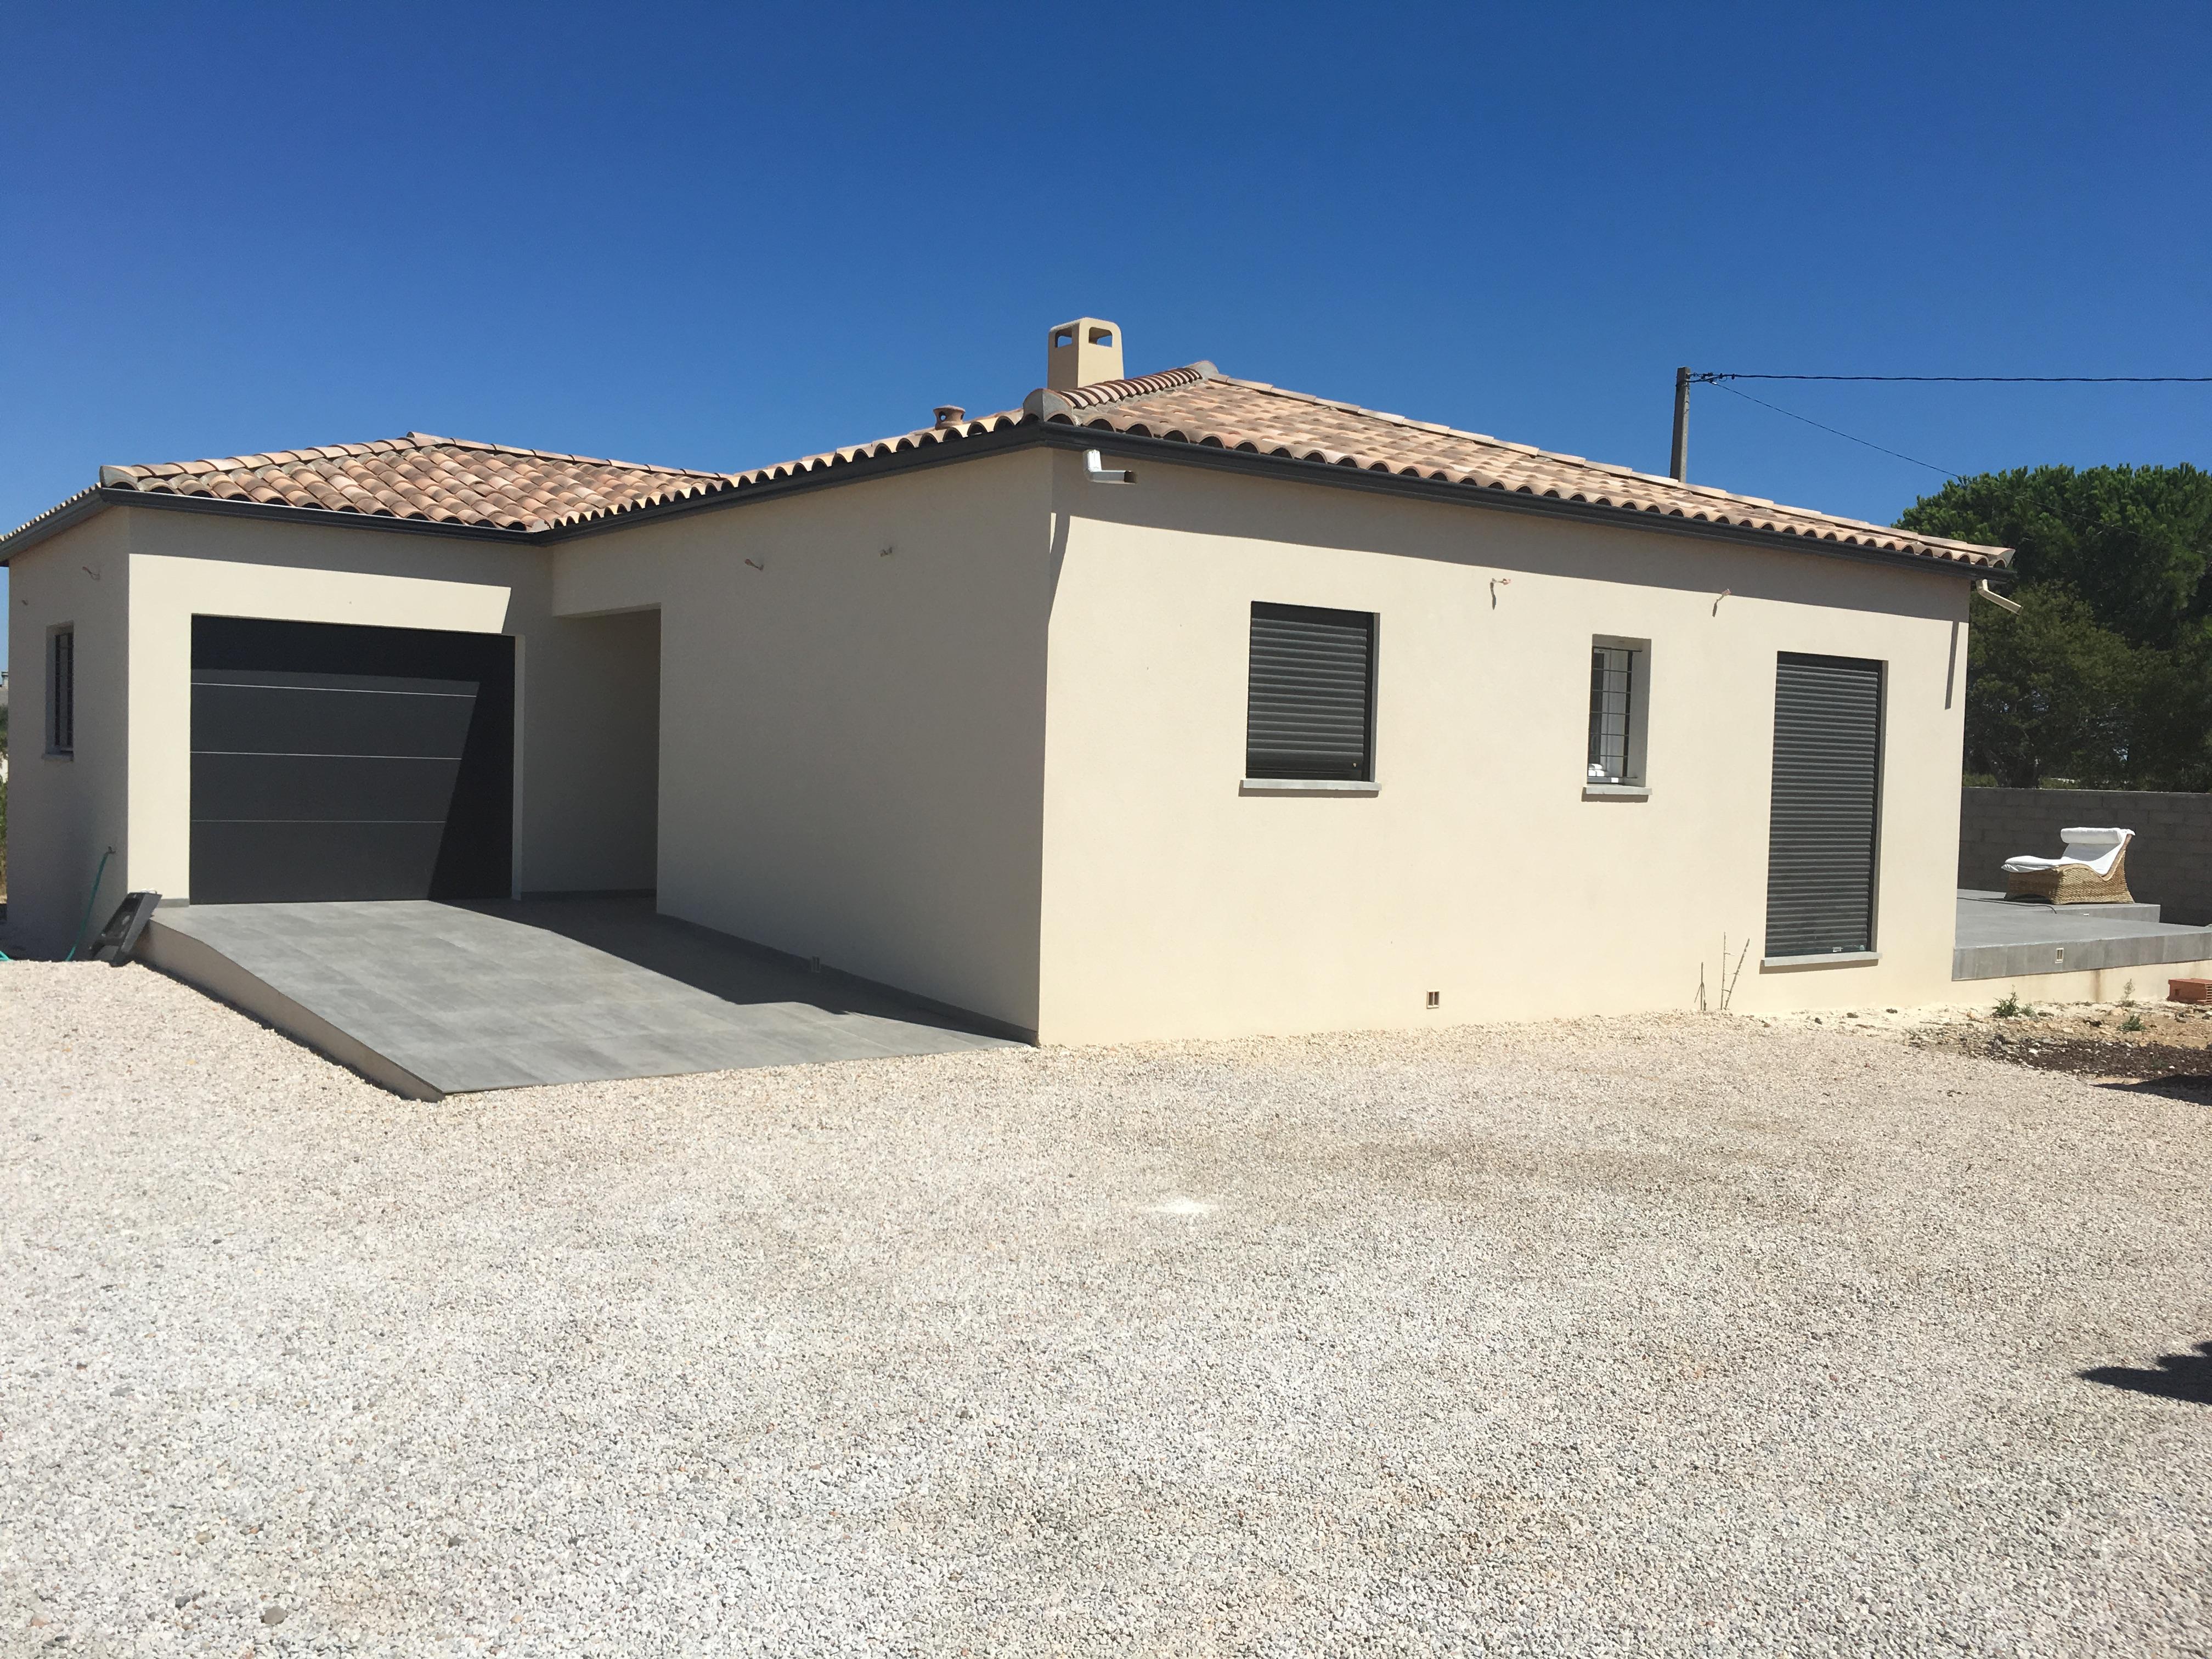 Maisons + Terrains du constructeur ACCES HABITAT 66 • 85 m² • CABESTANY